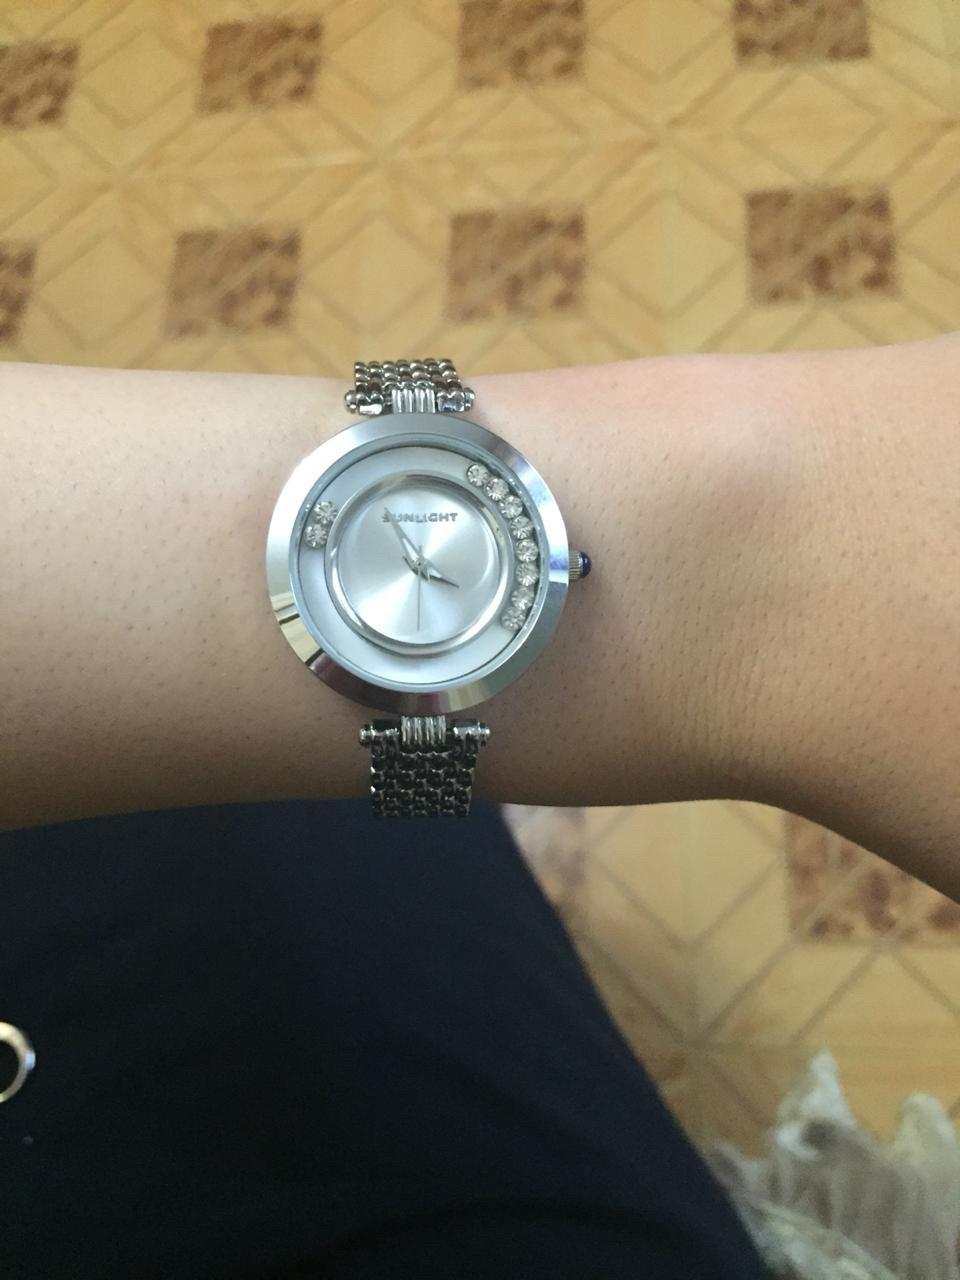 Первые мои часы с темным циферблатом, потом купила и с белым, они просто супер